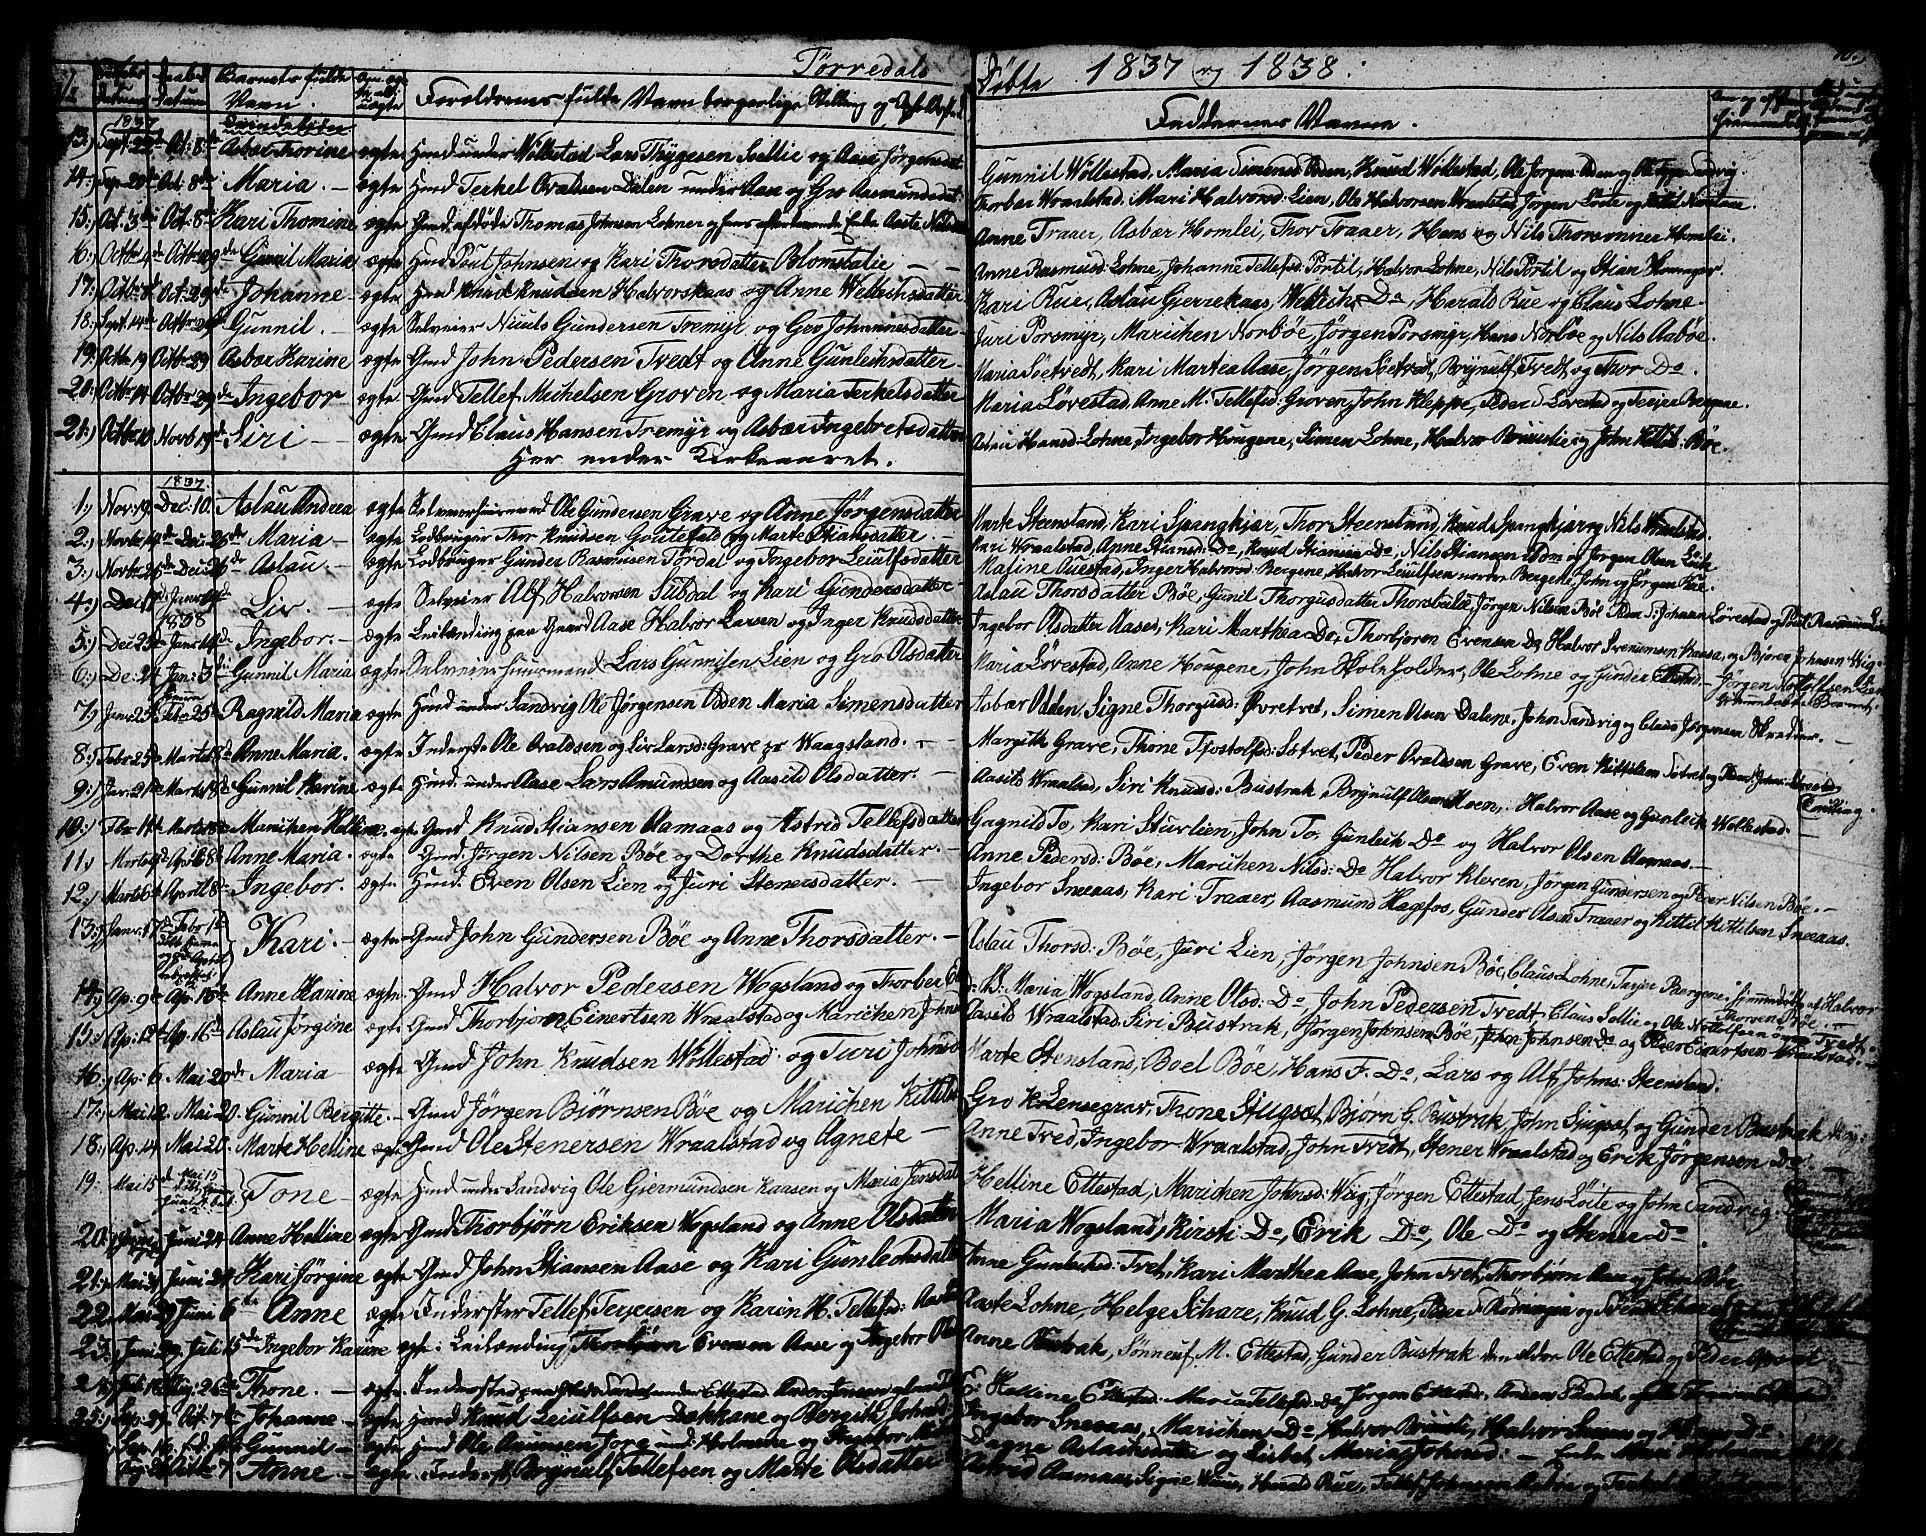 SAKO, Drangedal kirkebøker, G/Ga/L0001: Klokkerbok nr. I 1 /2, 1814-1856, s. 10